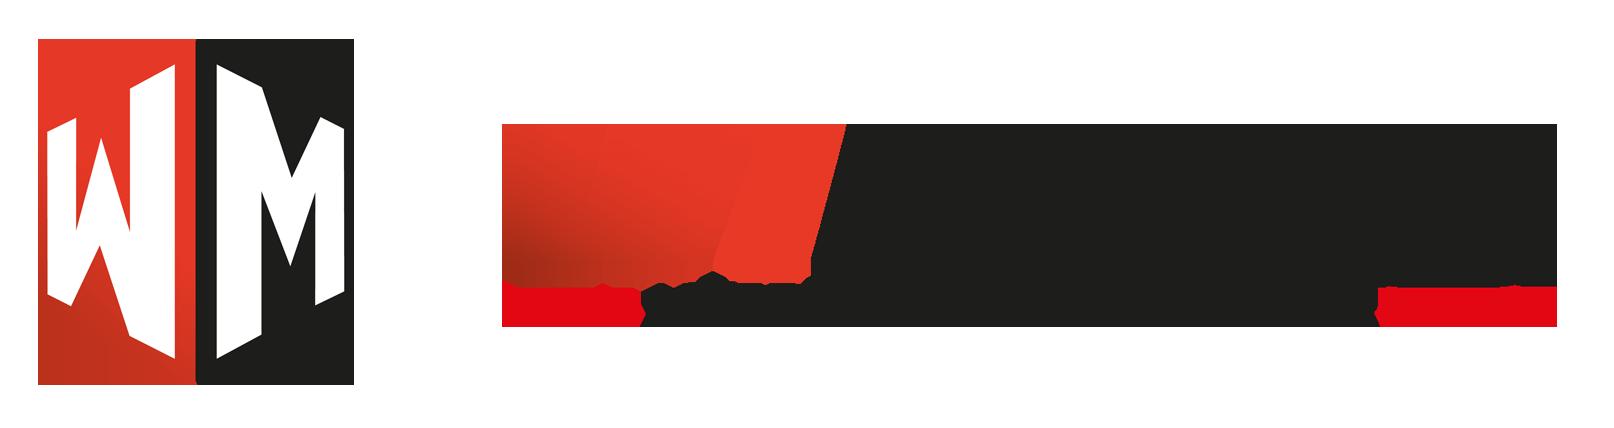 Motorcycle Engineering